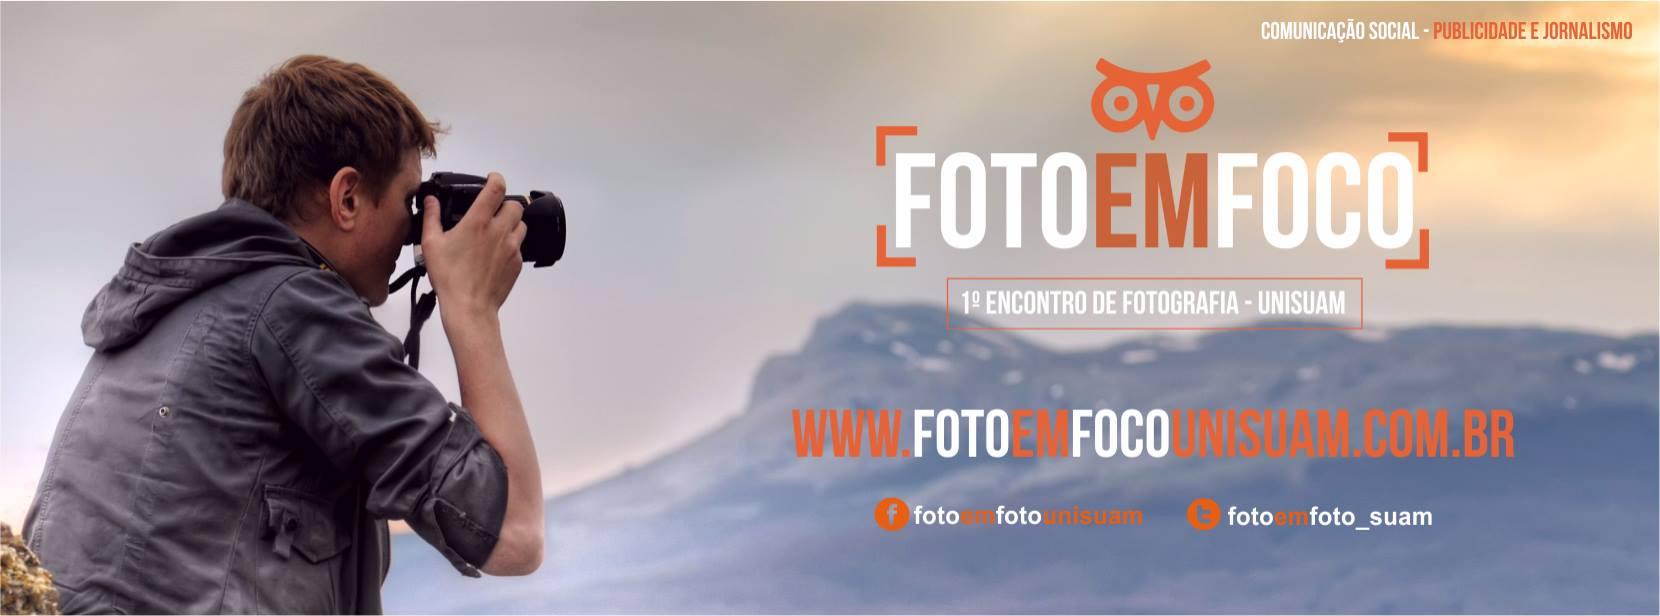 Agenda cultural: 1º Encontro de fotografia da Faculdade UNISUAM reunirá feras da fotografia, oficinas e exposições fotográficas